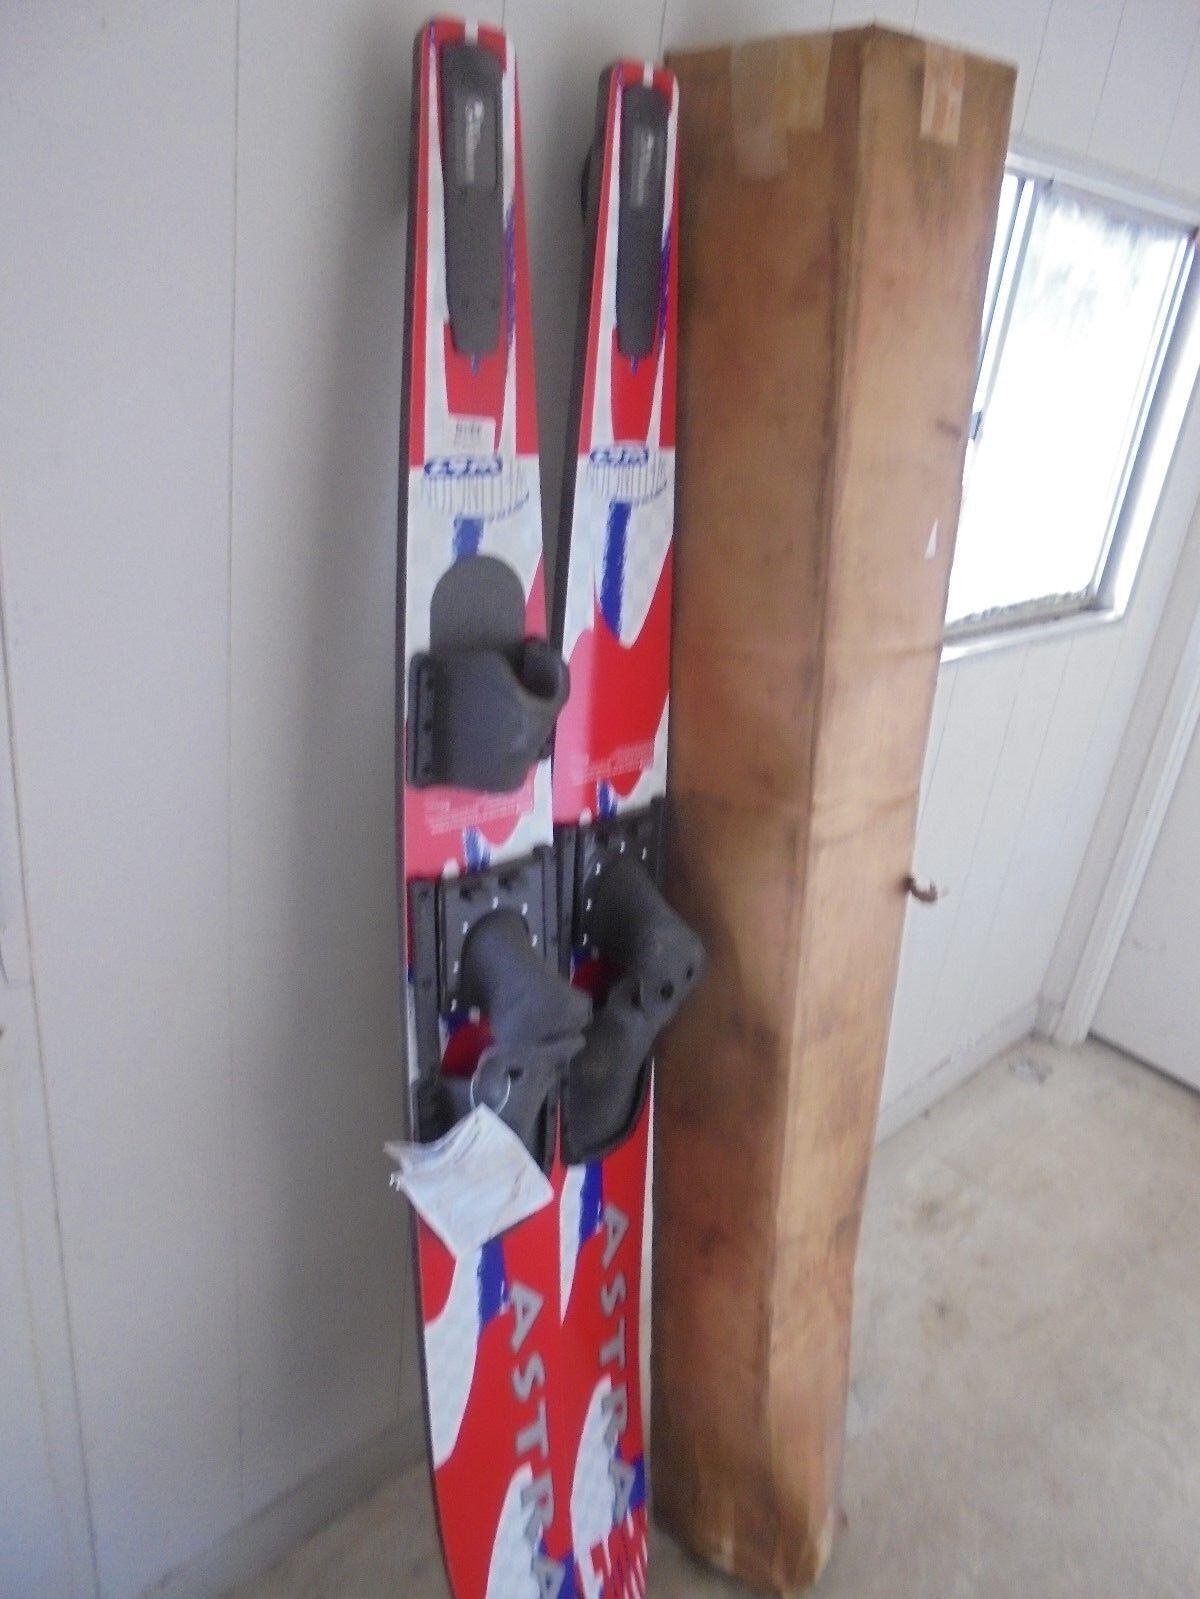 WELLINGTON Astra S7476 SKI Water Ski Set NEW IN BOX